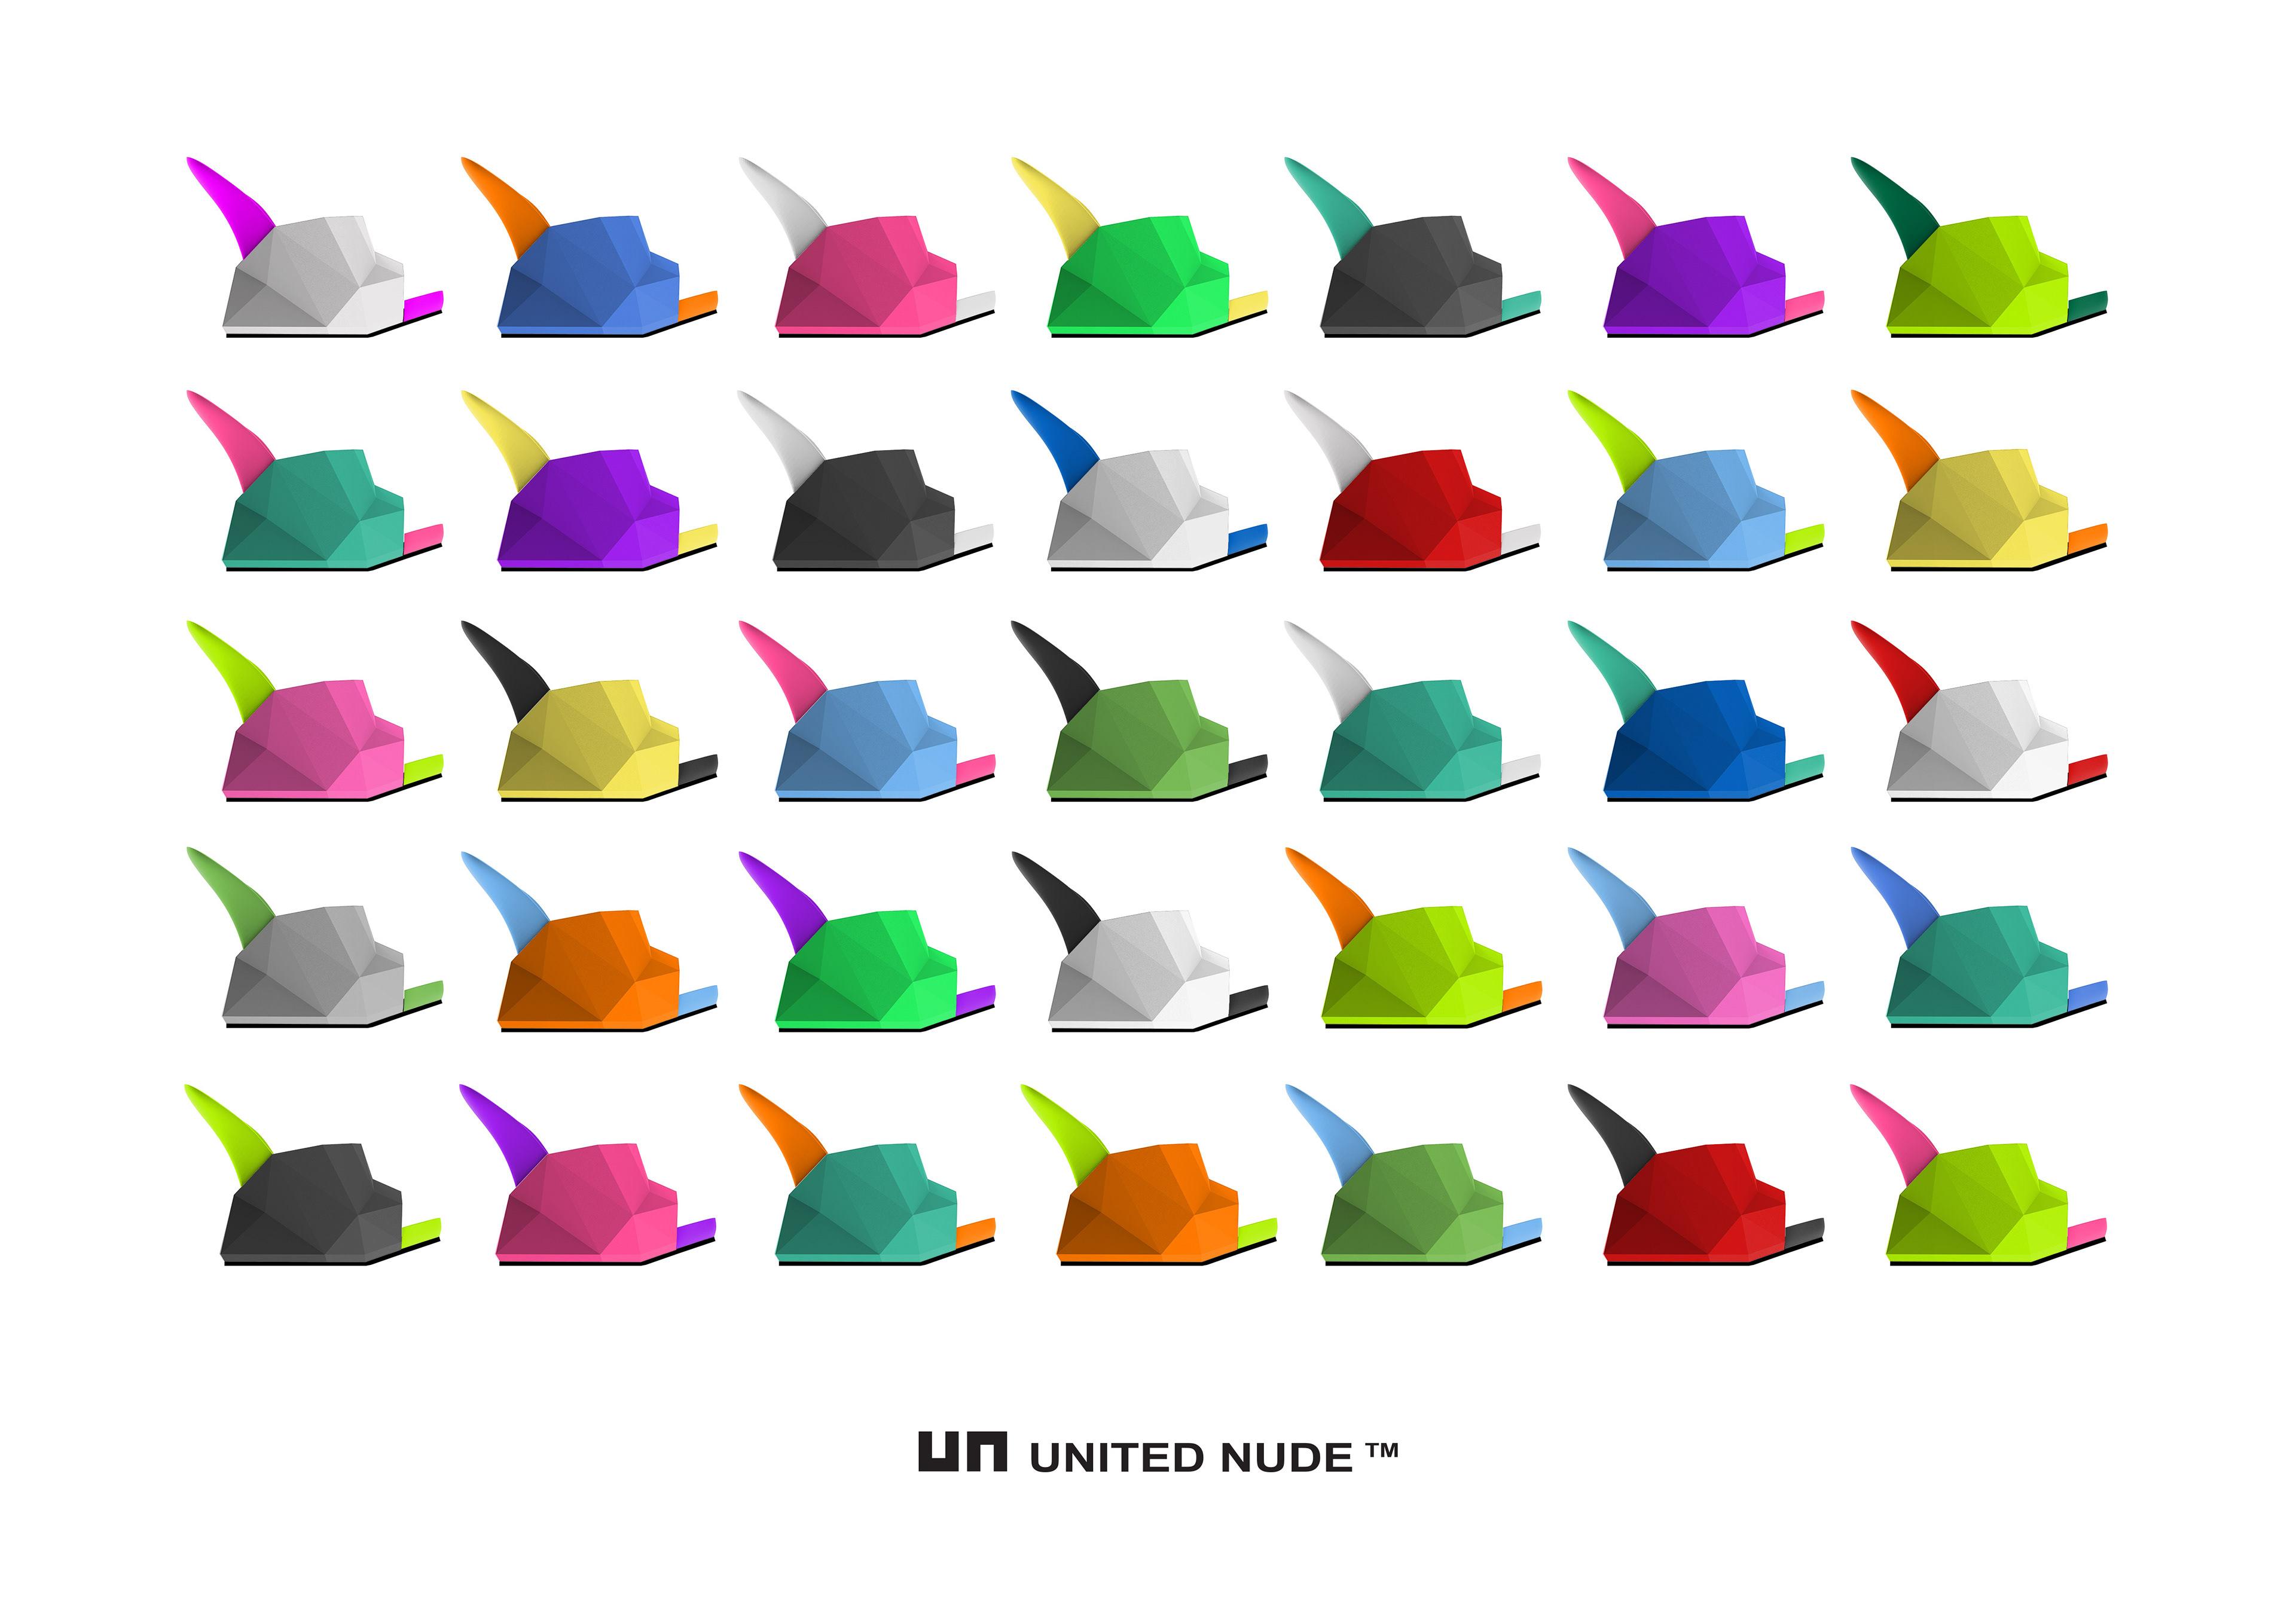 michal kukucka - United Nude & IRIS VAN HERPEN / 3D